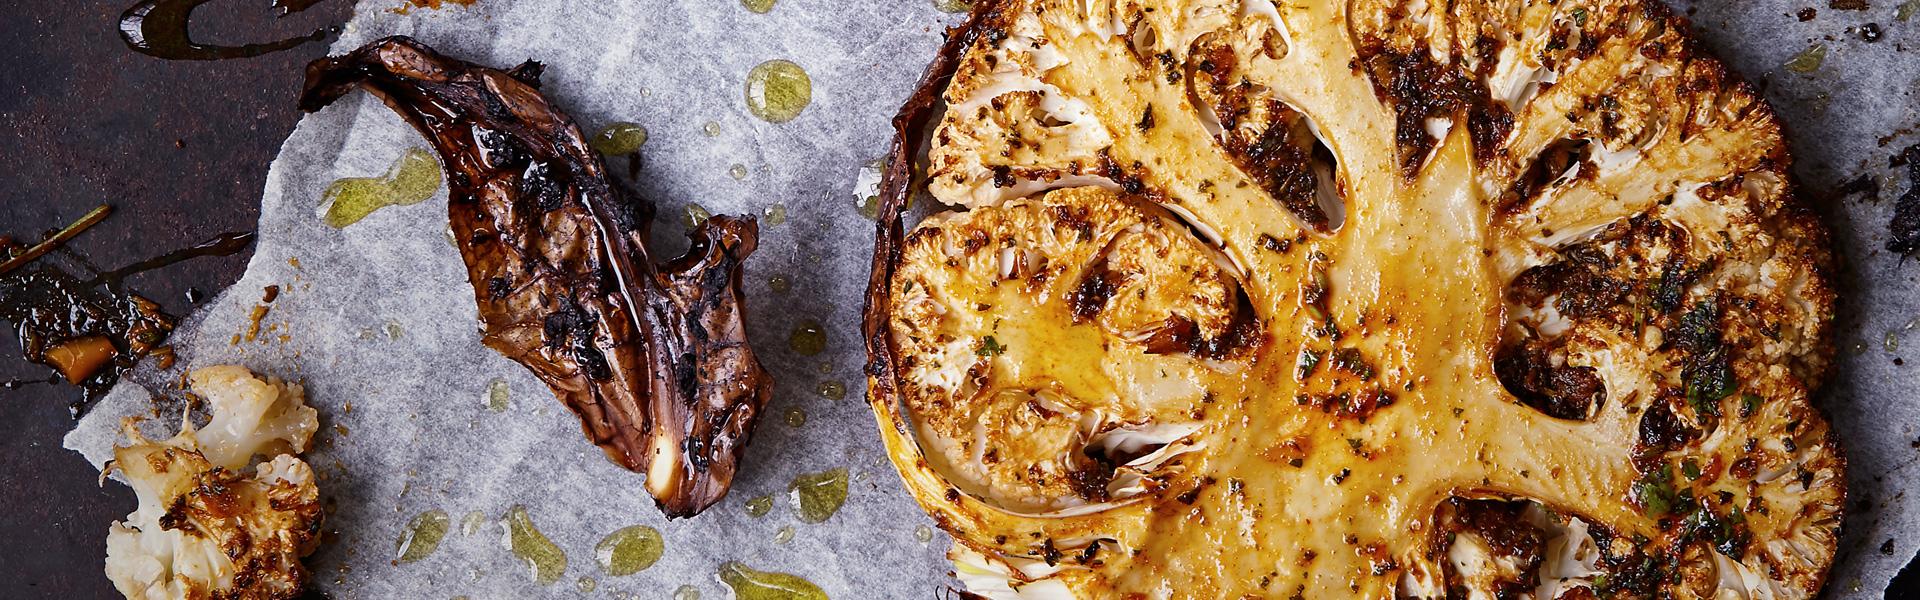 Aine Carlin: Jerk-Style Cauliflower Steaks Recipe